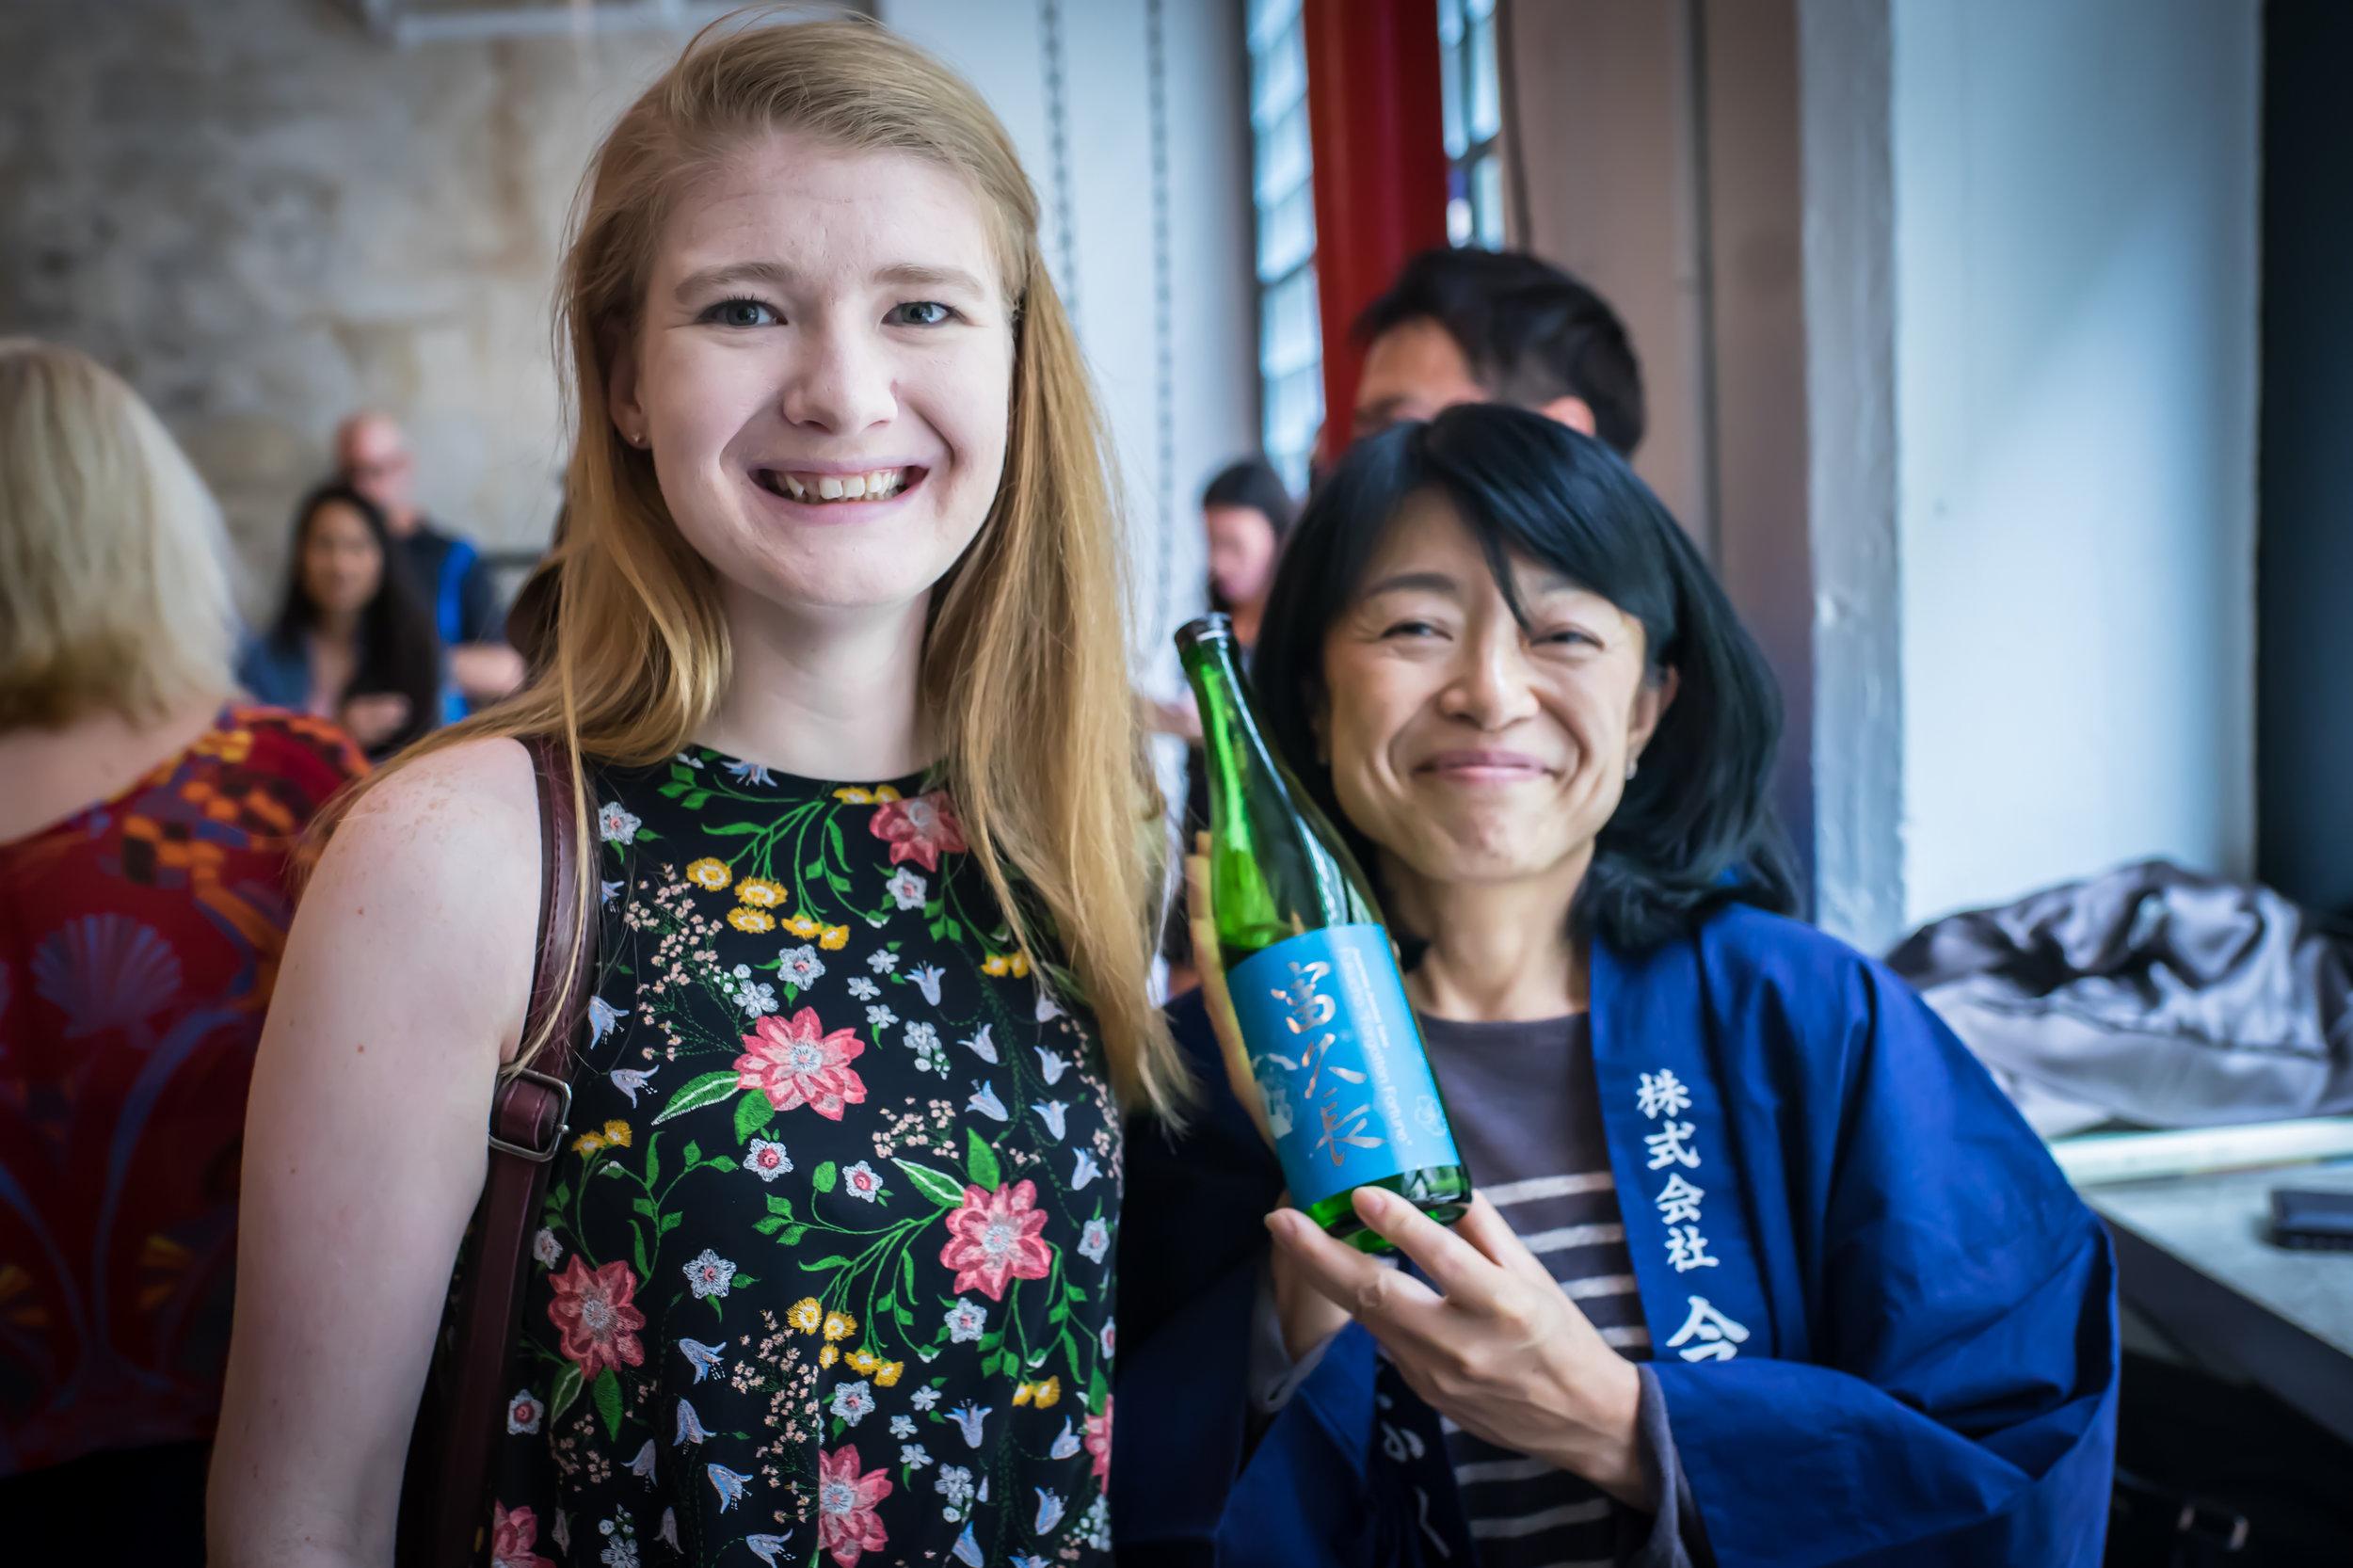 Myshell, lover of Hiroshima Sake shares a moment with Miho Imada, brewer of Hiroshima Sake